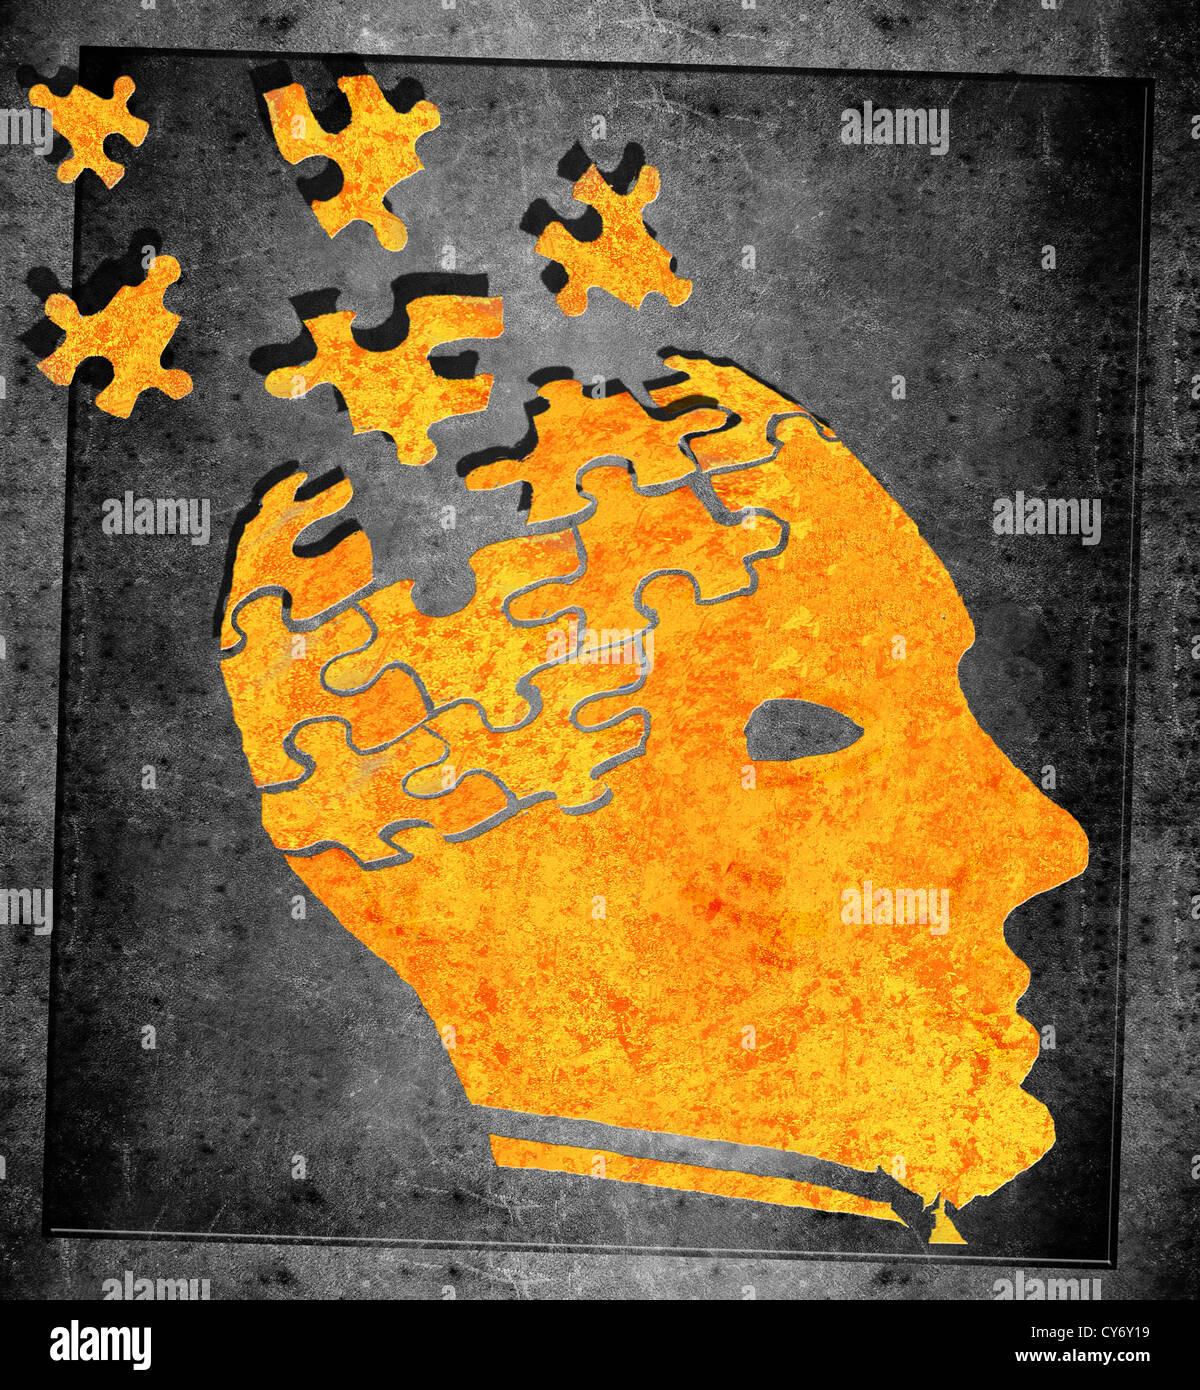 Perdere il concetto di memoria di arancione e nero illustrazione Immagini Stock